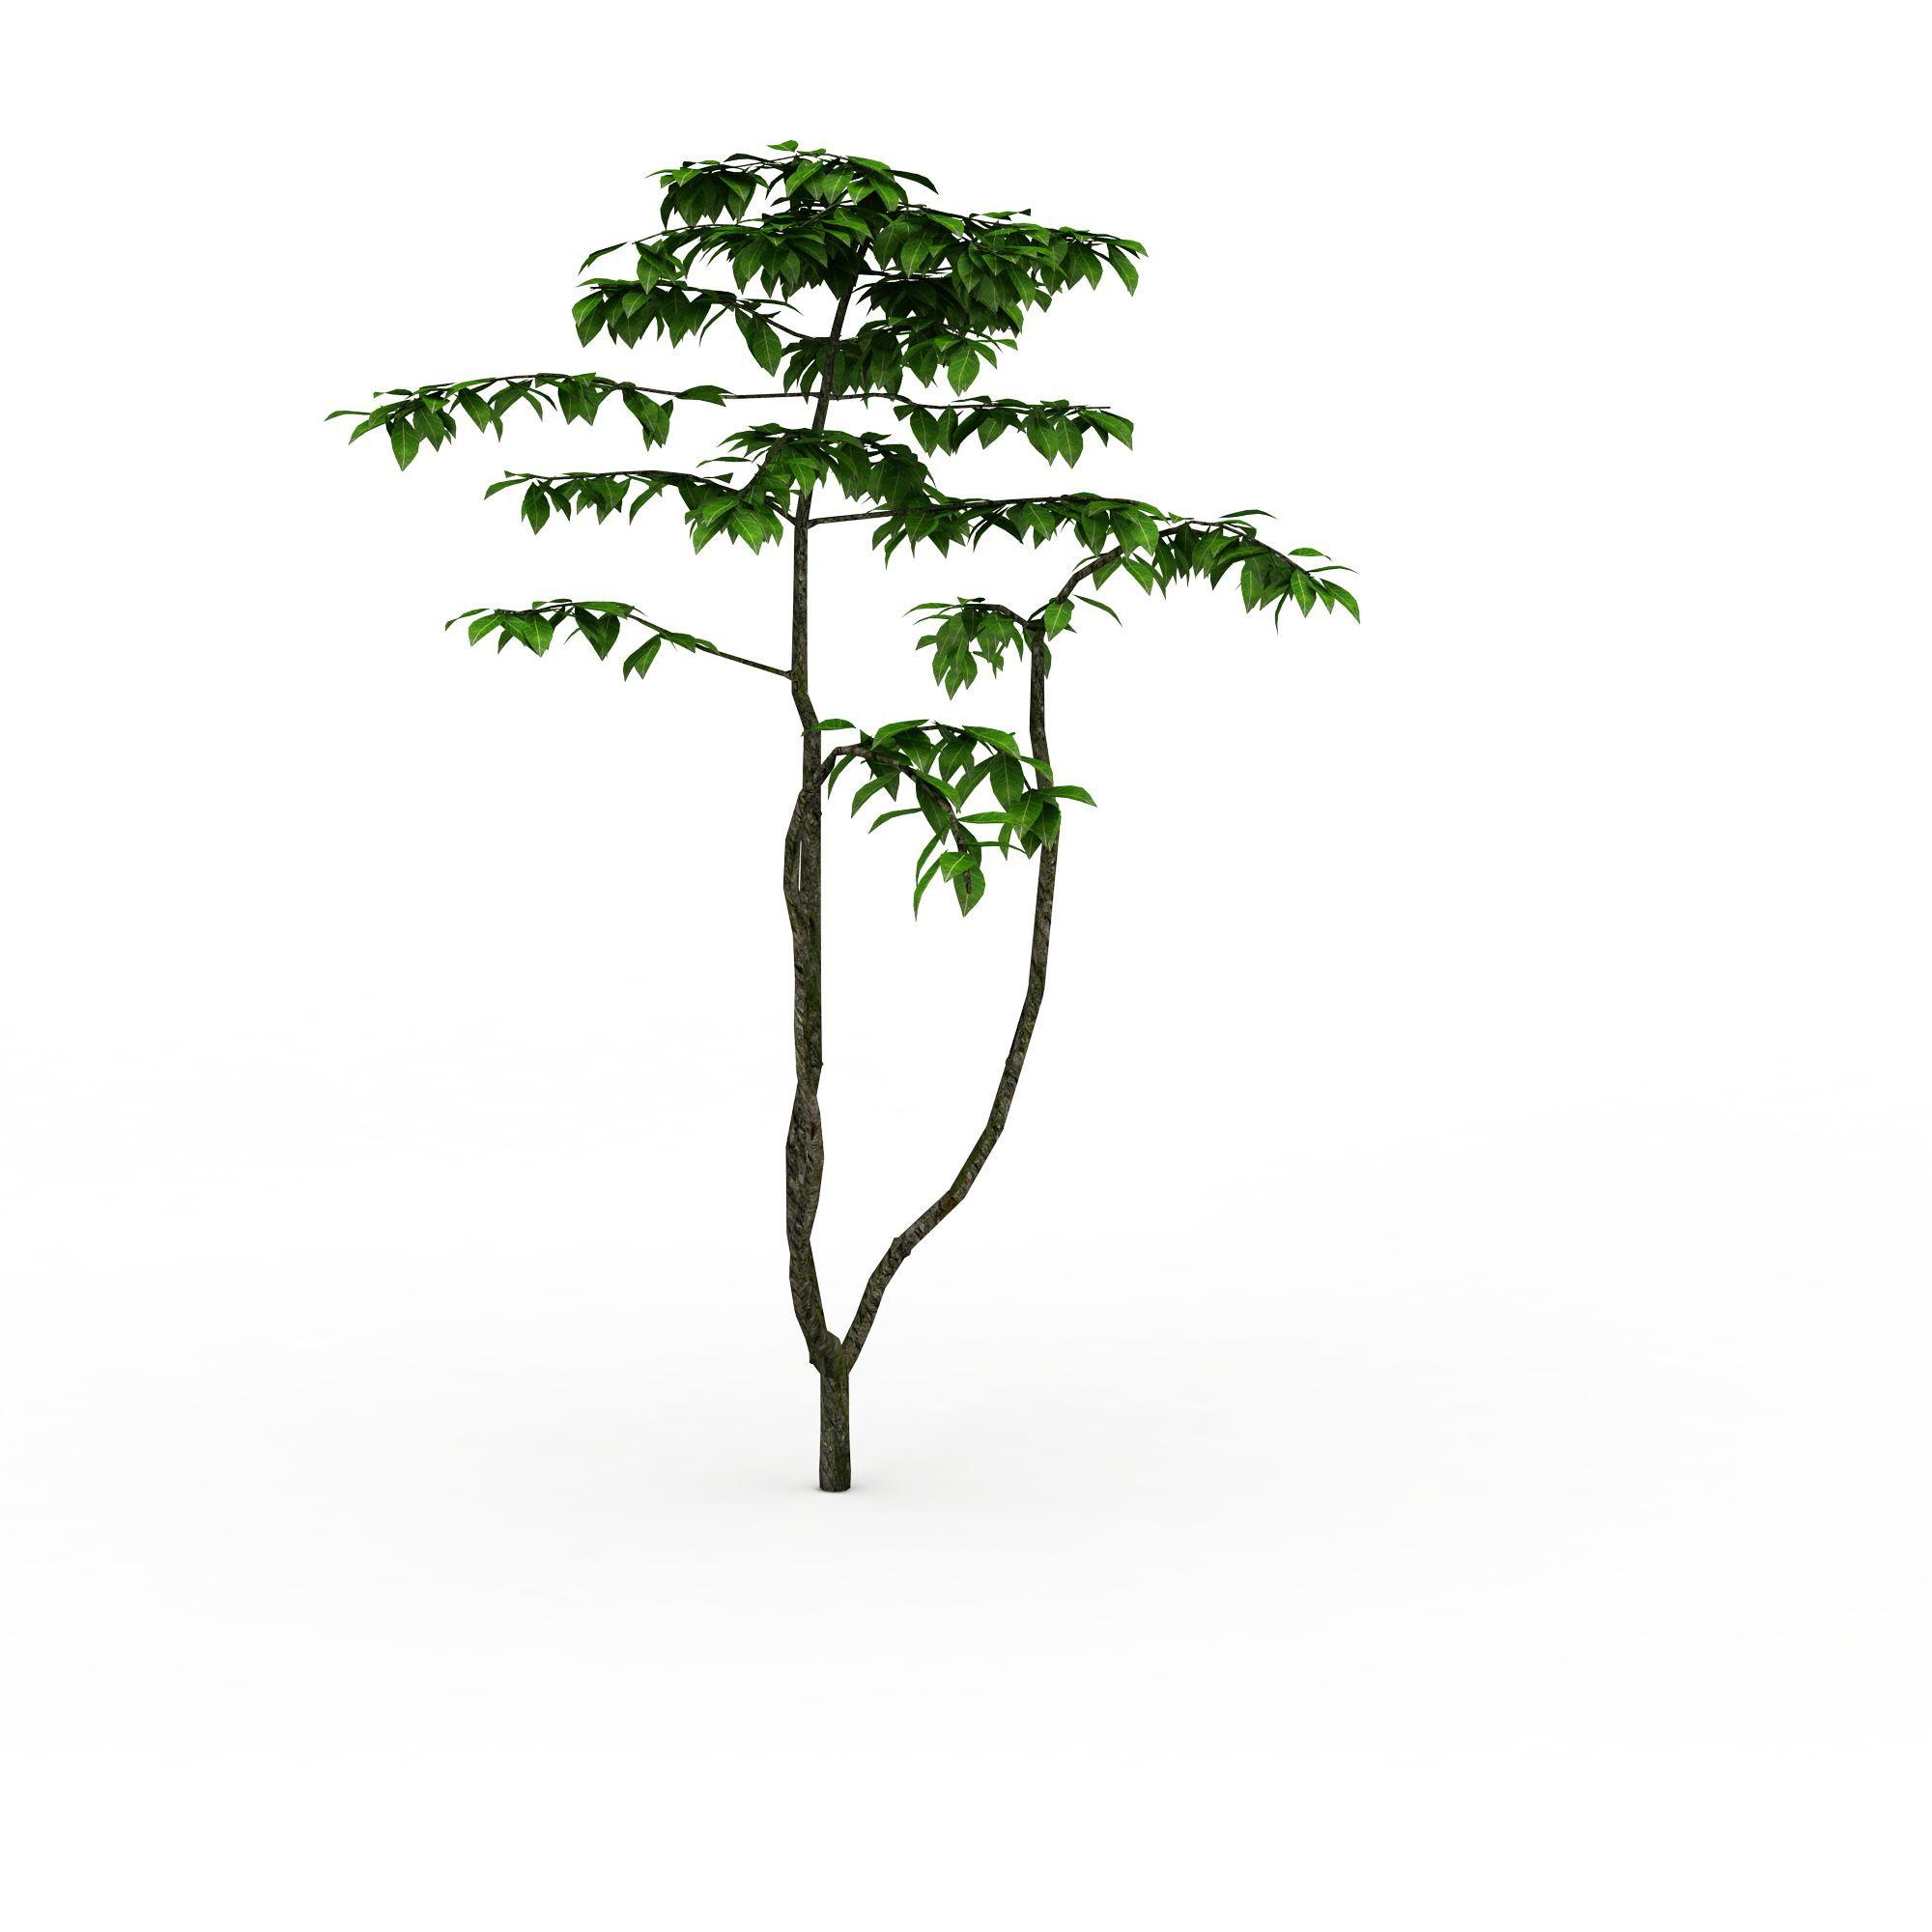 绿色树木图片_绿色树木png图片素材_绿色树木png高清